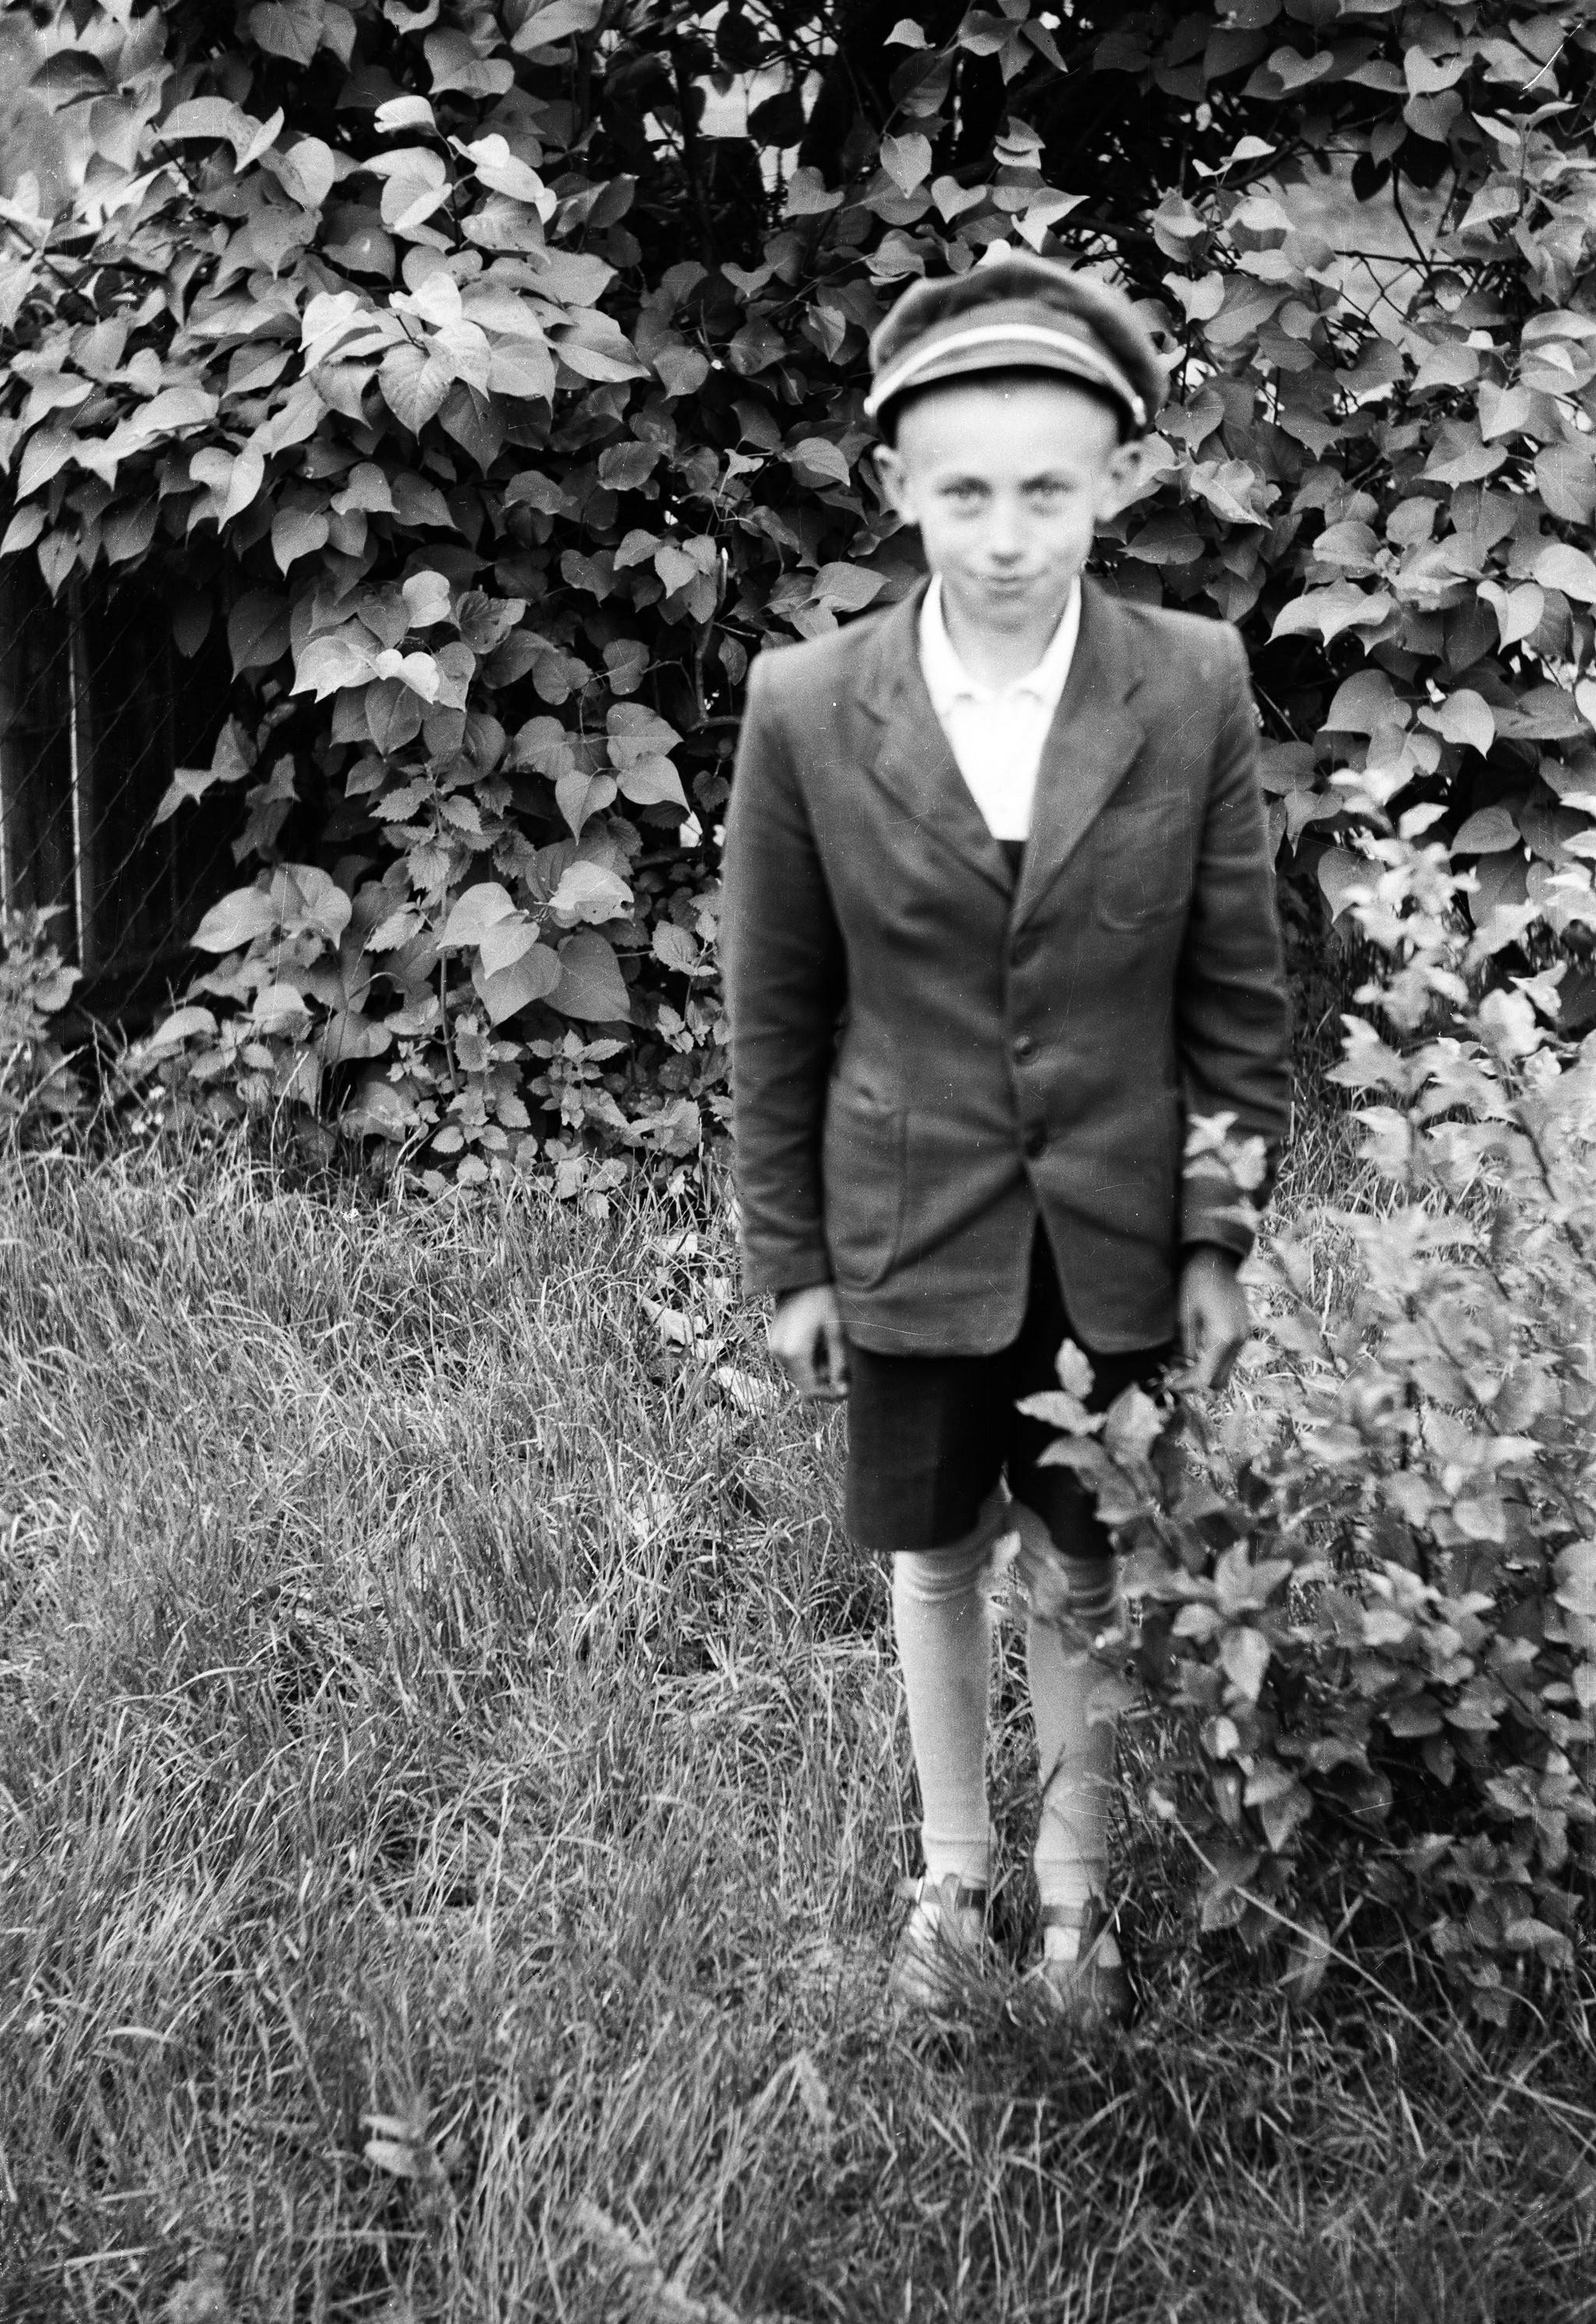 Chłopiec przy krzakach, Dolny Śląsk, 2. poł. XX w.